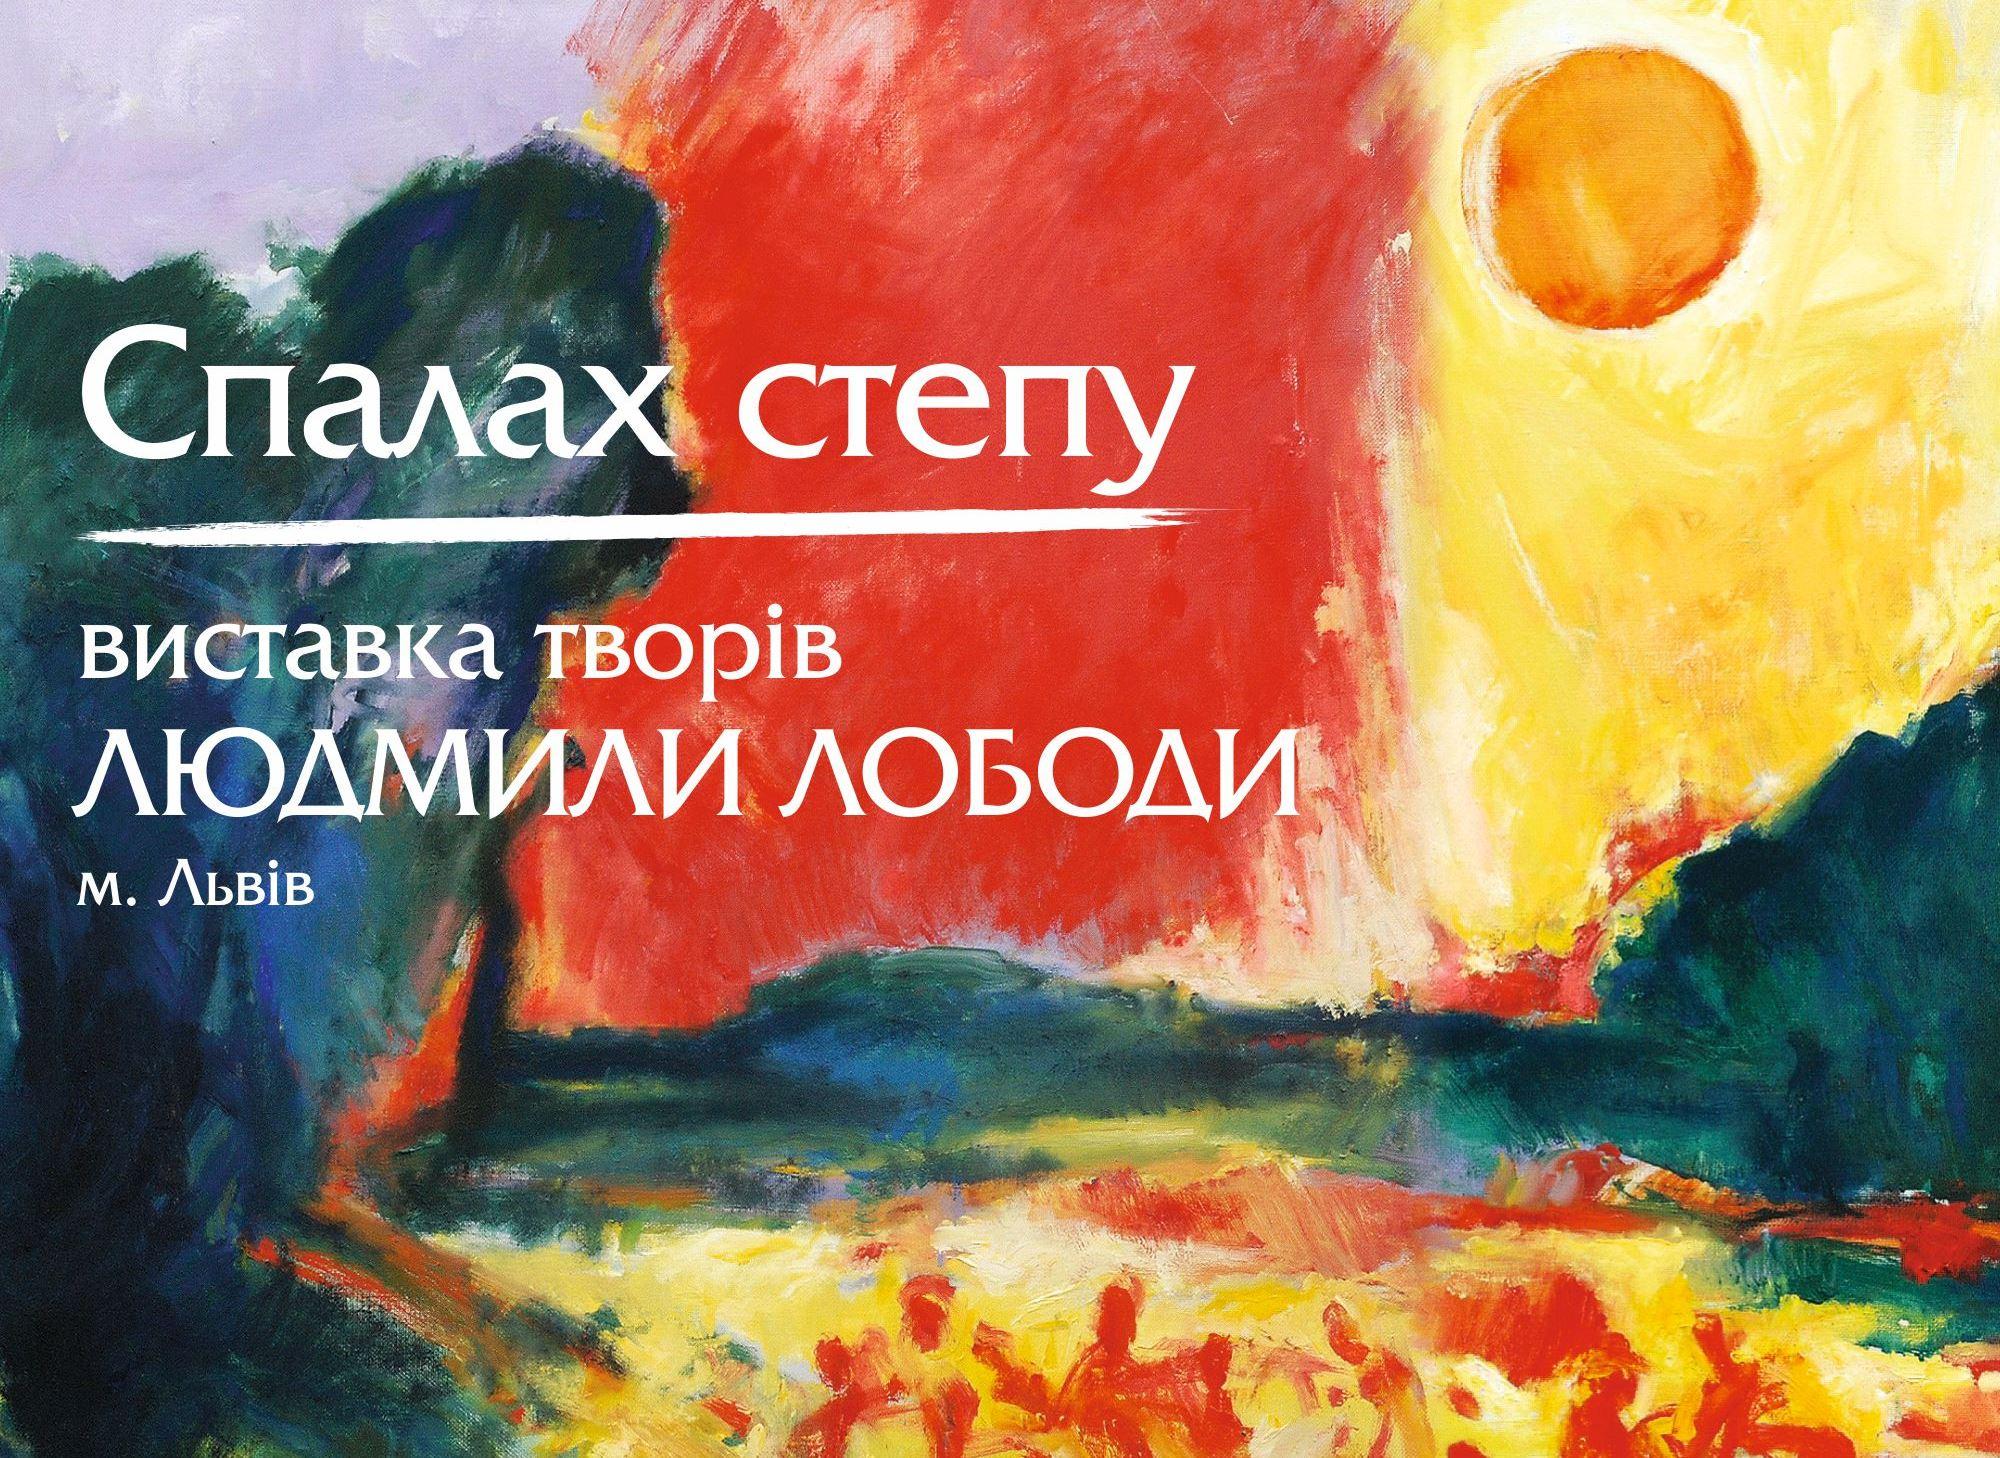 У луцькій галереї відкриється виставка львівської художниці